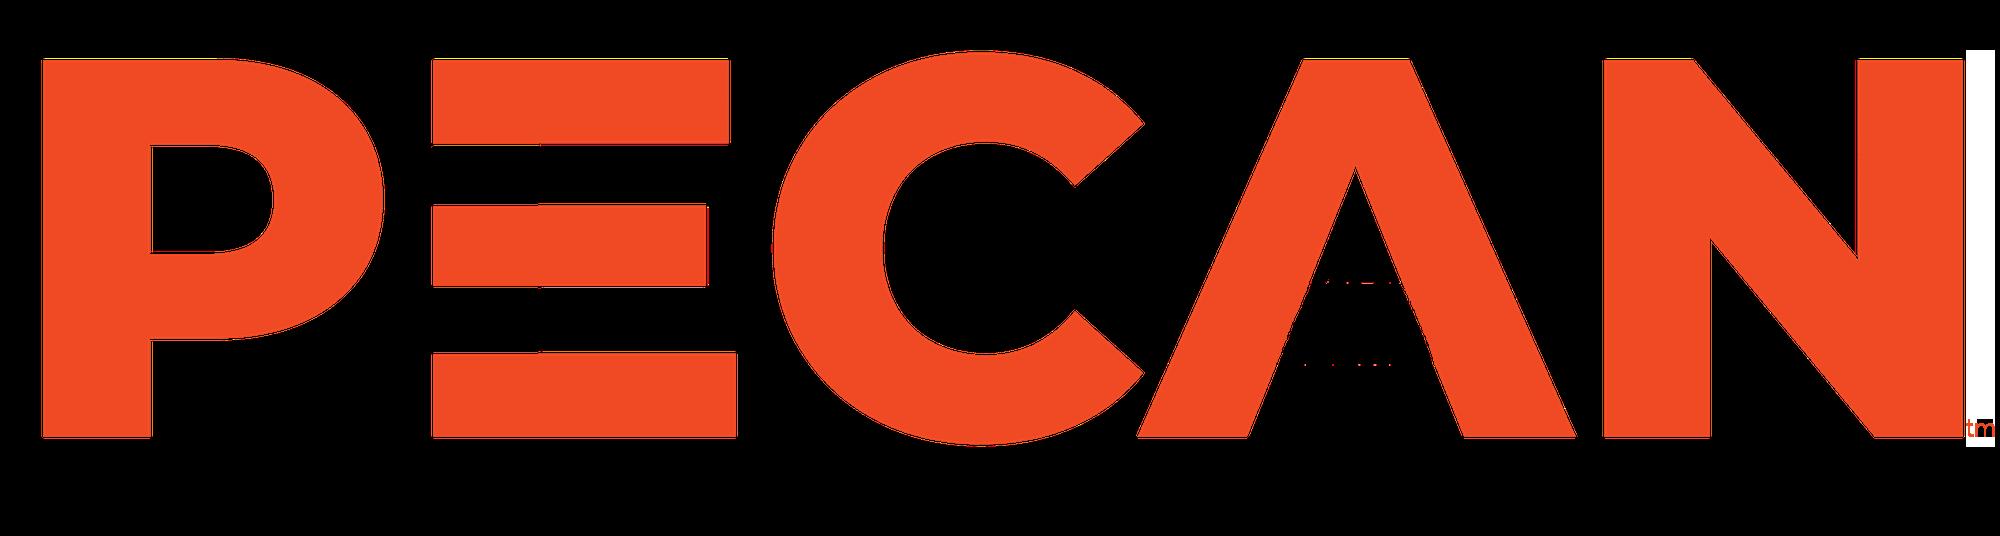 pecan word logo